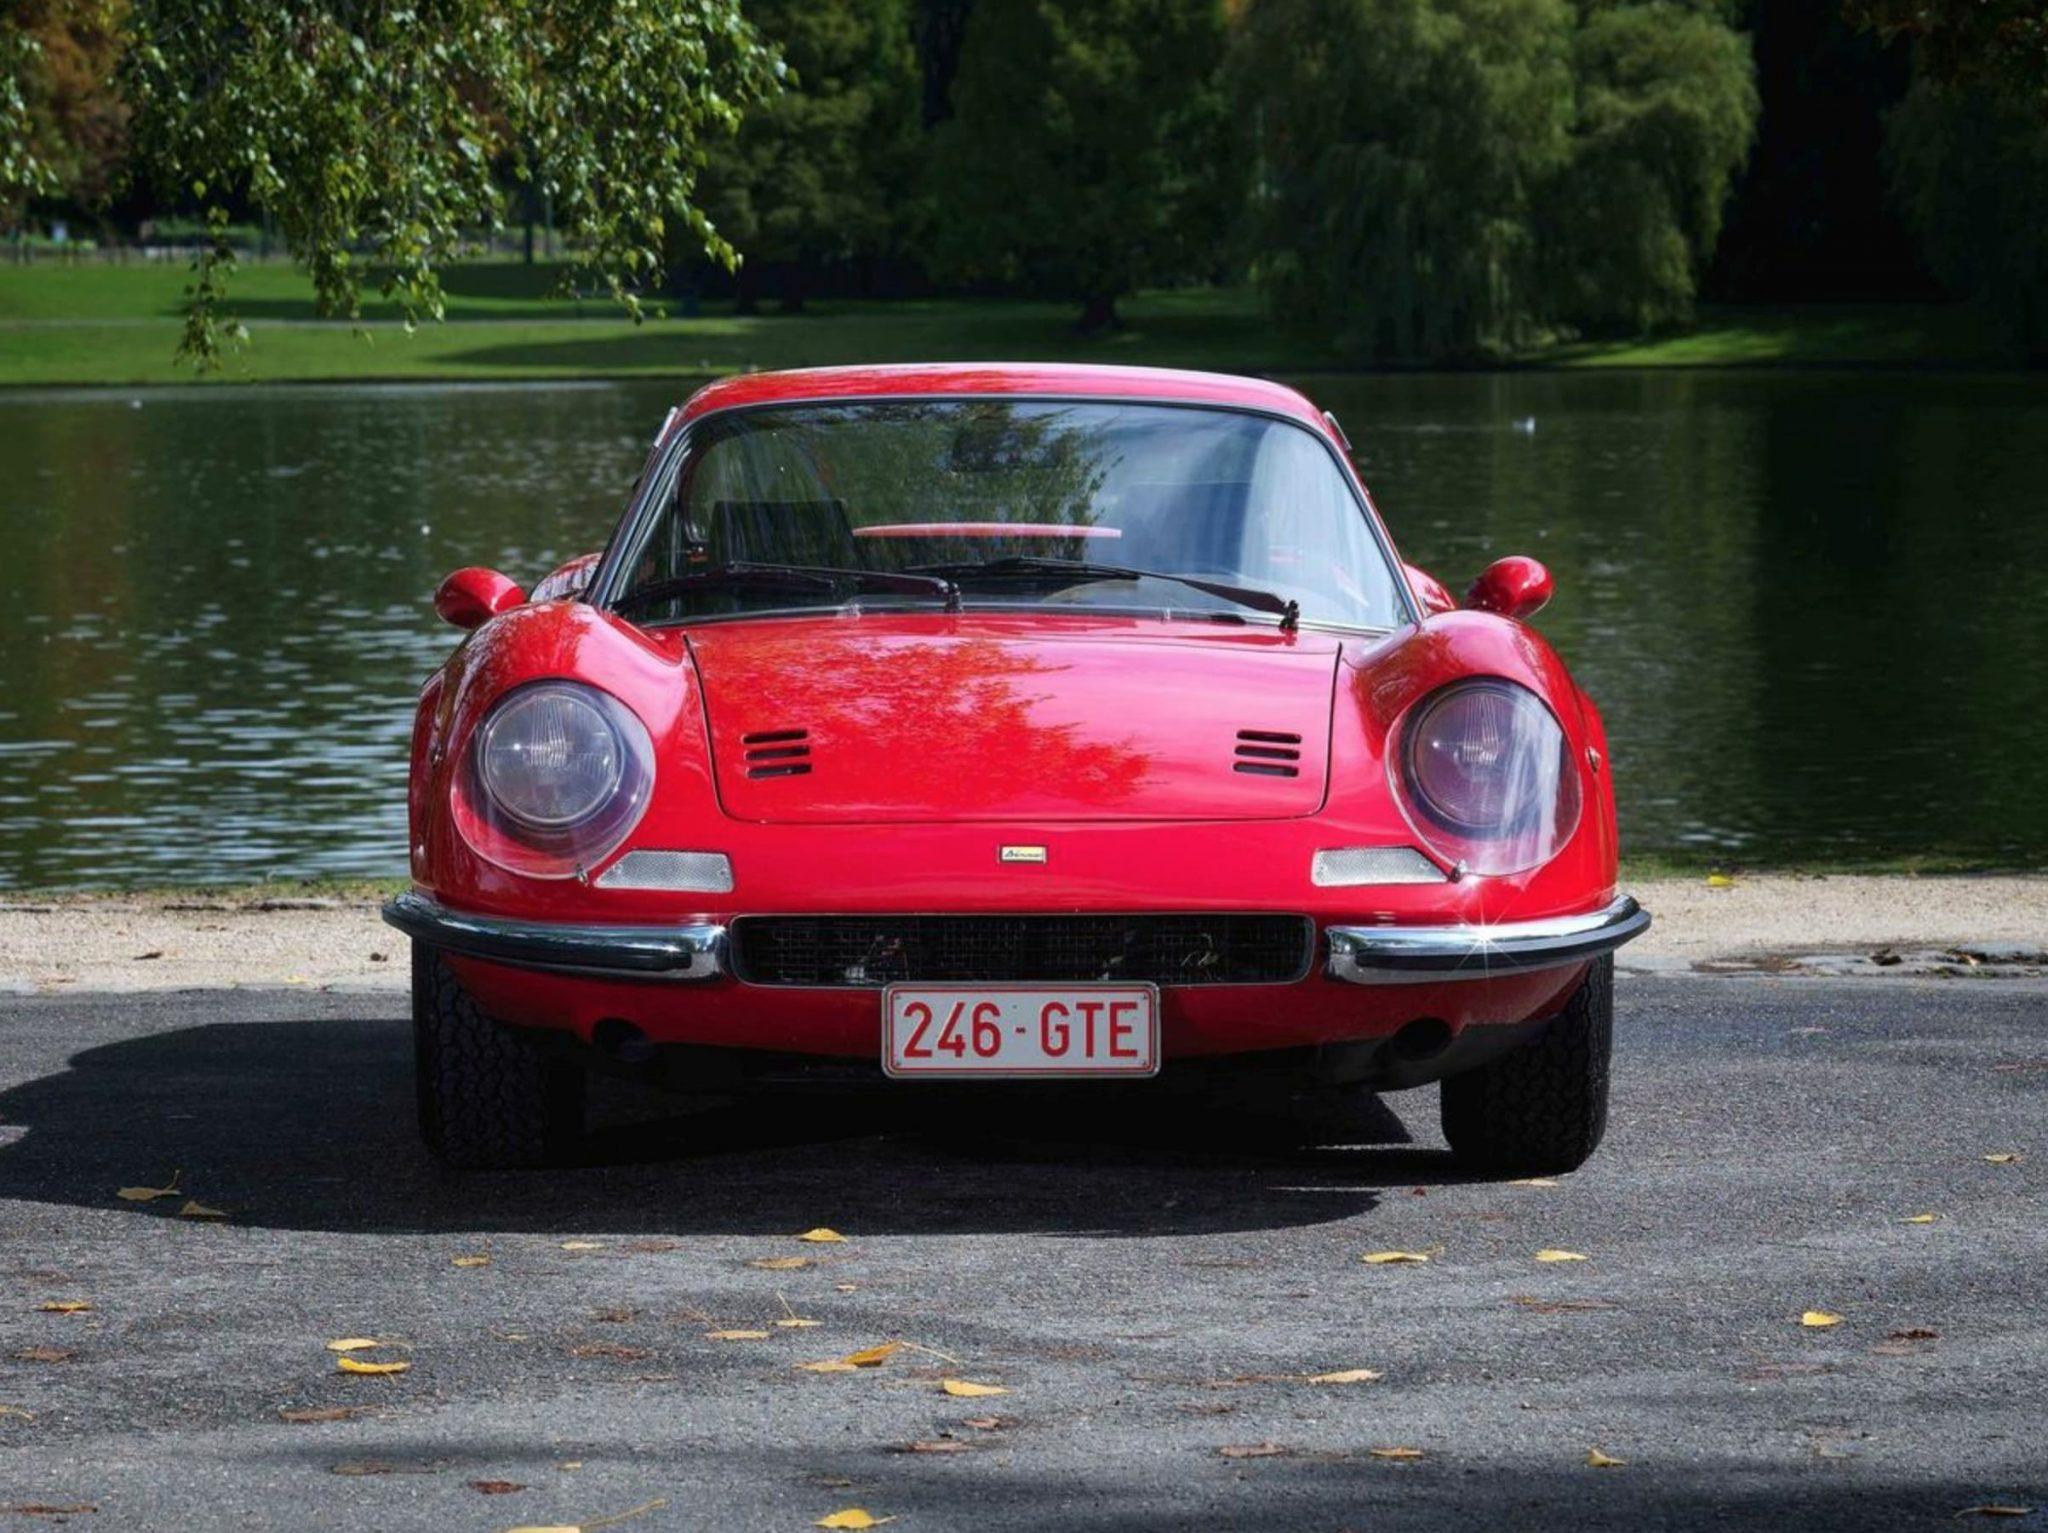 File 1989 Ferrari 328 GTS  US model   Nero in addition Ferrari 512 Bb as well File 1969 Holden Monaro HT GTS 350 further Part as well Ferrari 308 Gtb 1975. on ferrari 308 engine